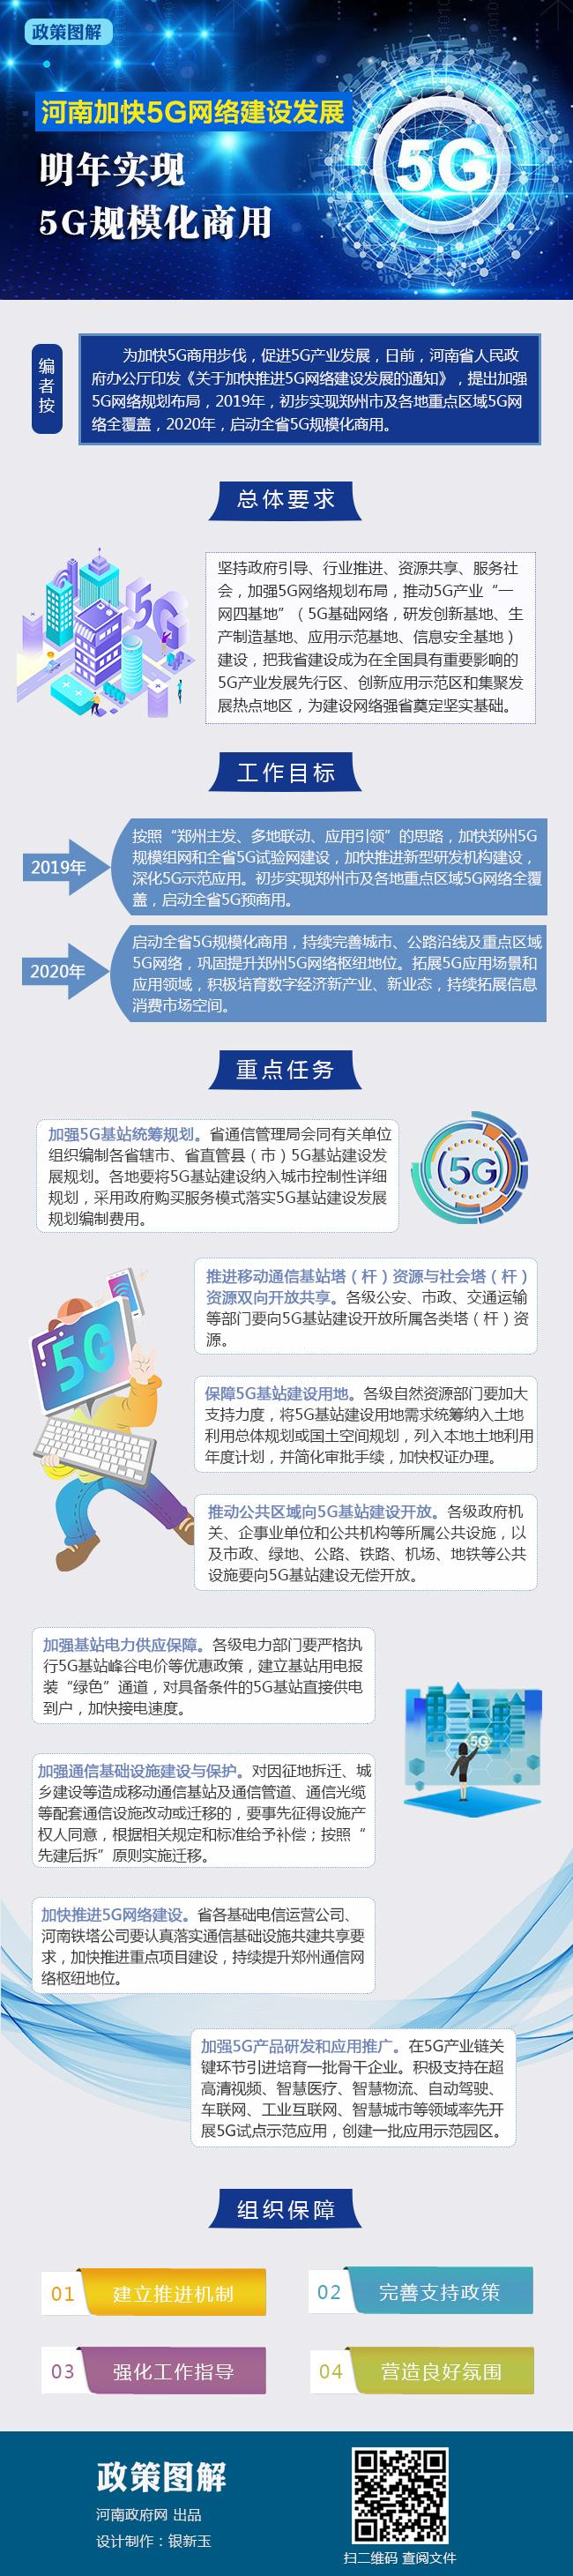 5G網絡建設.jpg